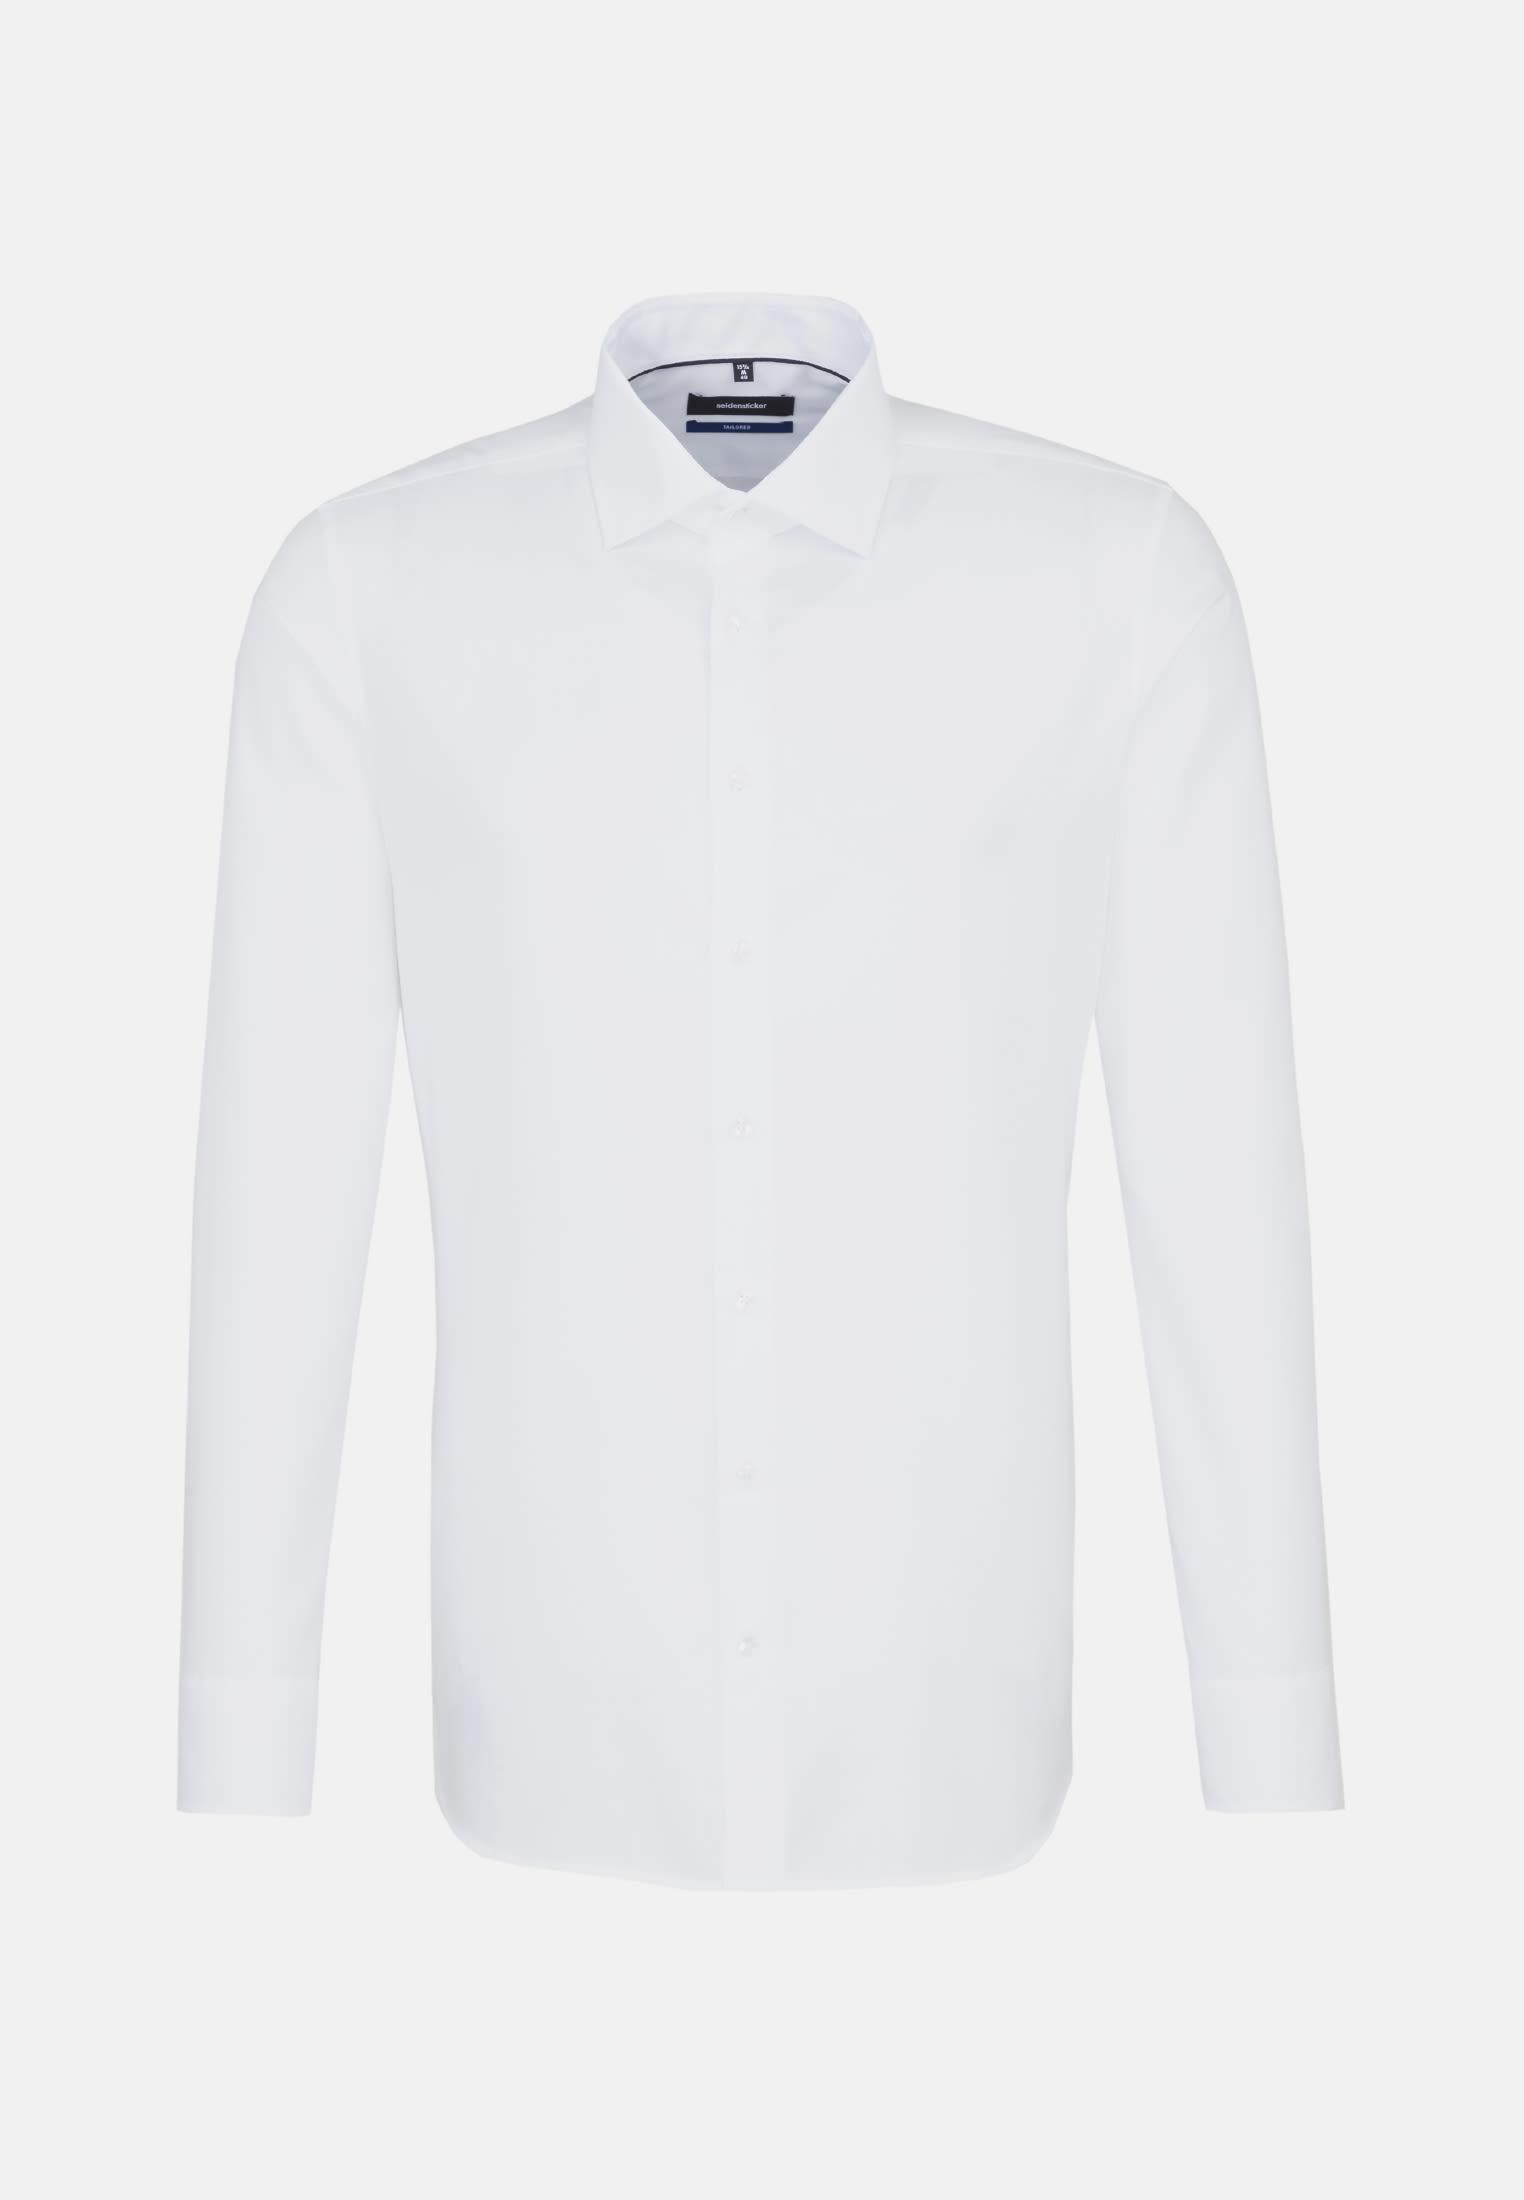 Bügelfreies Struktur Business Hemd in Shaped mit Kentkragen und extra langem Arm in Weiß |  Seidensticker Onlineshop